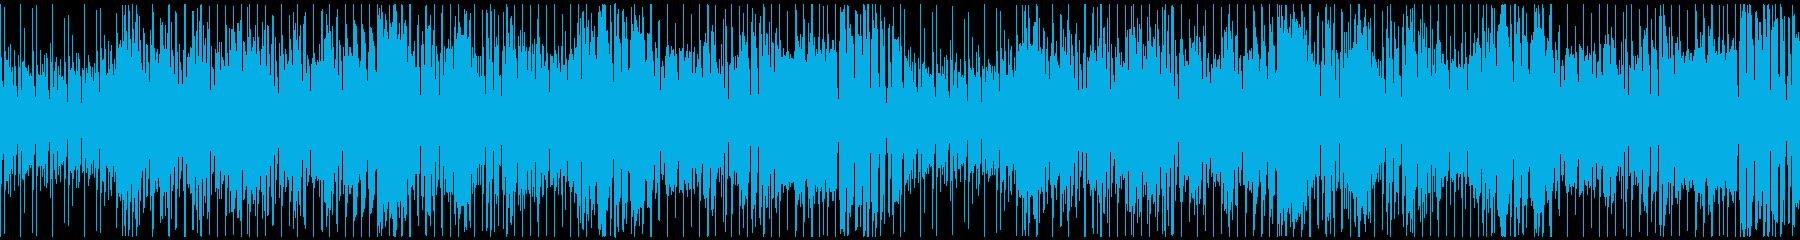 ダークヒーローっぽいファンキーループの再生済みの波形